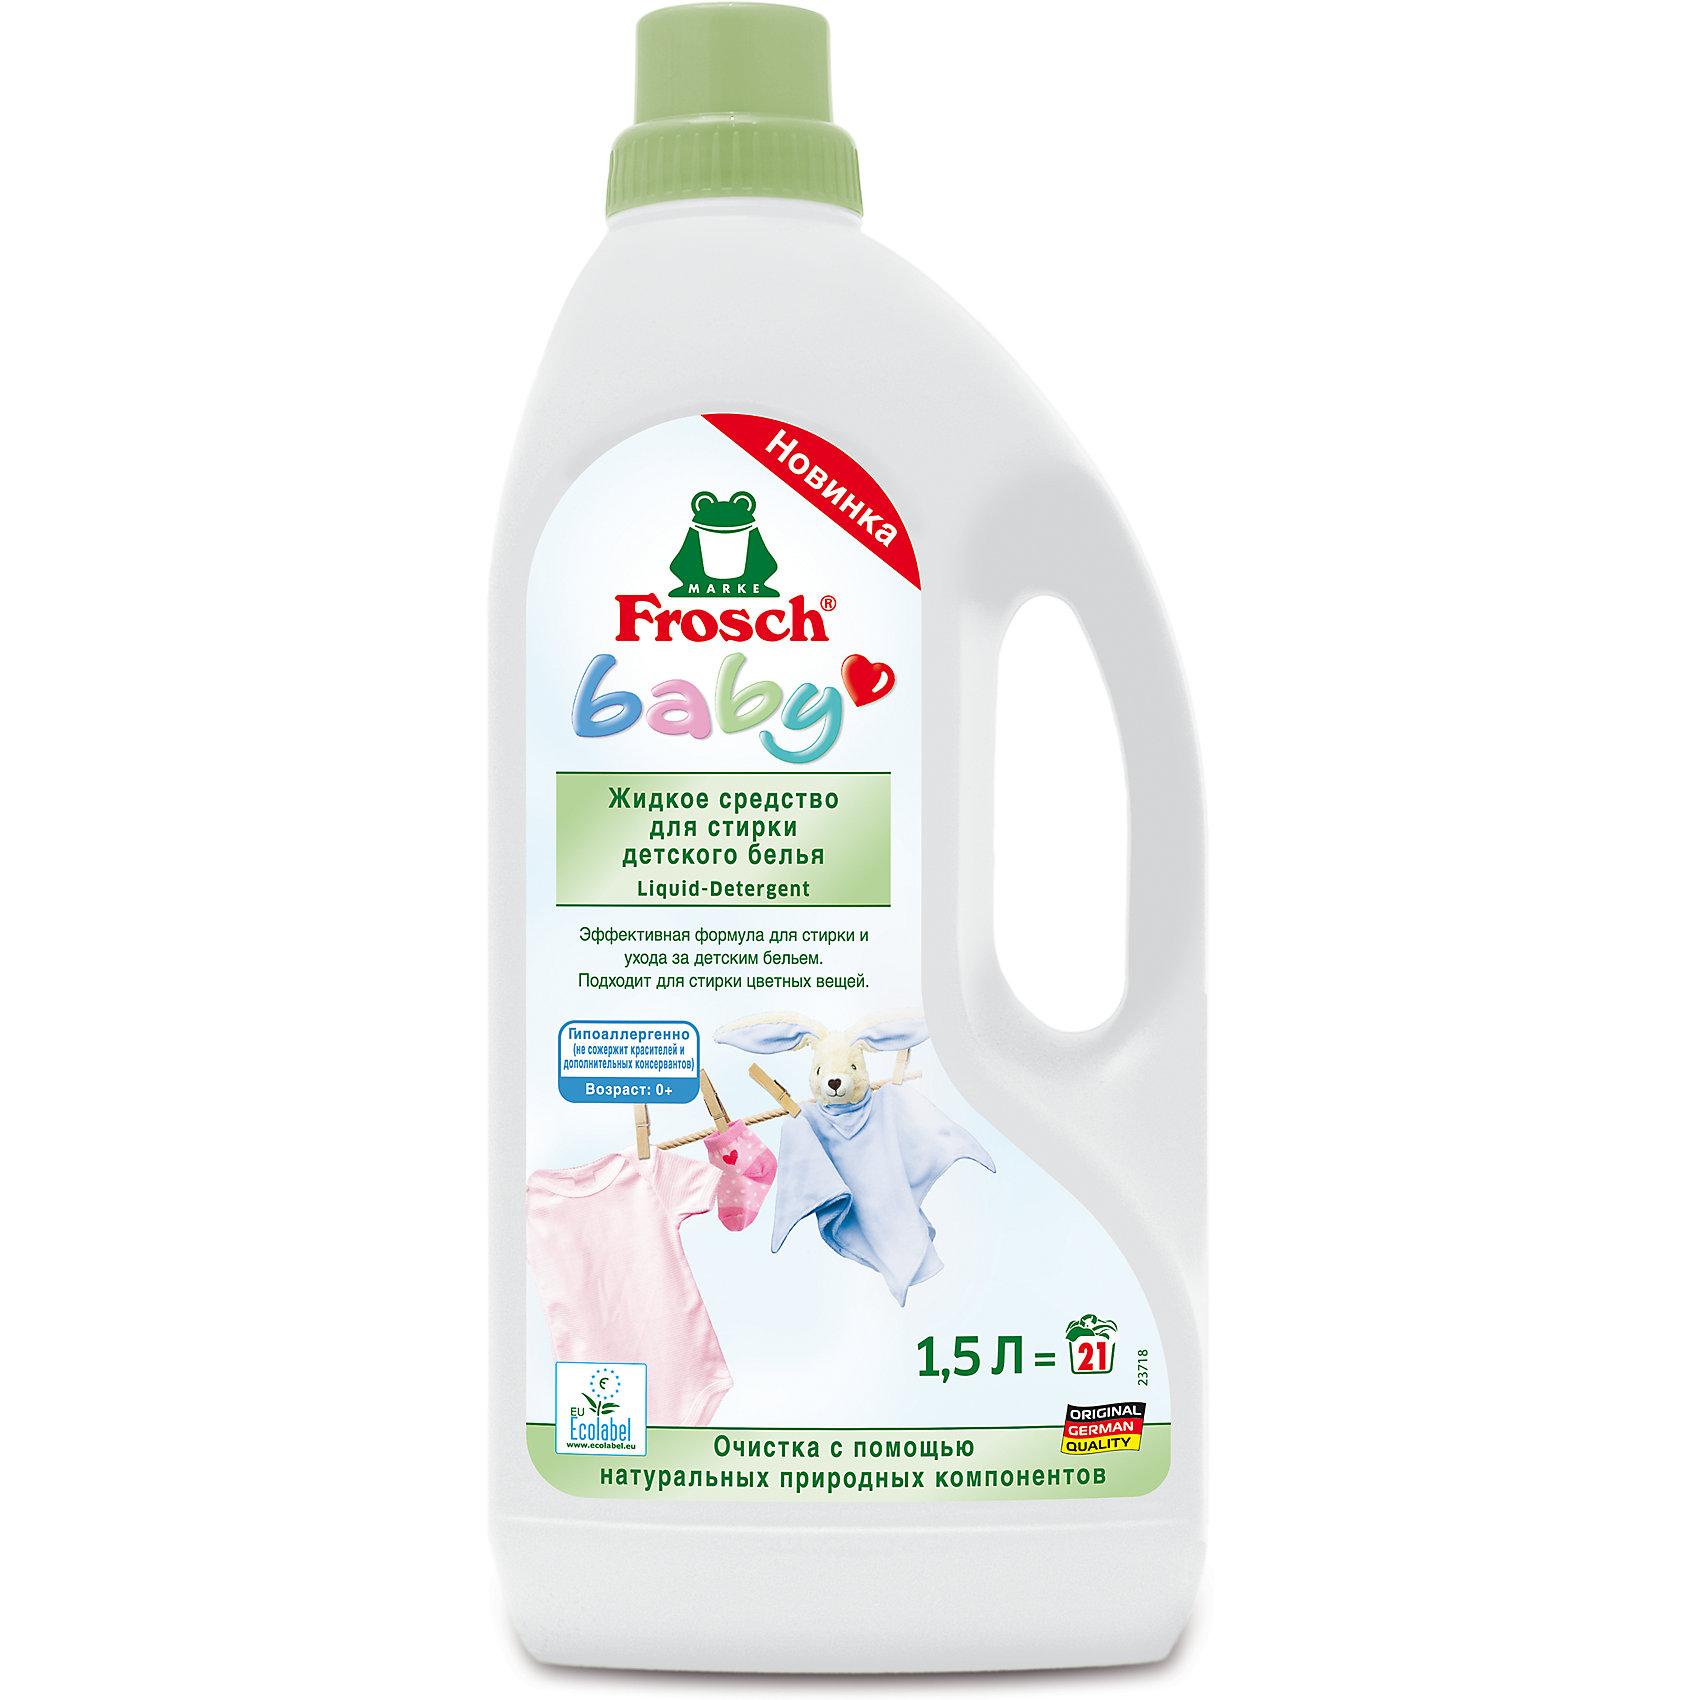 Жидкое средство для стирки детского белья, 1,5л, Frosch (-)